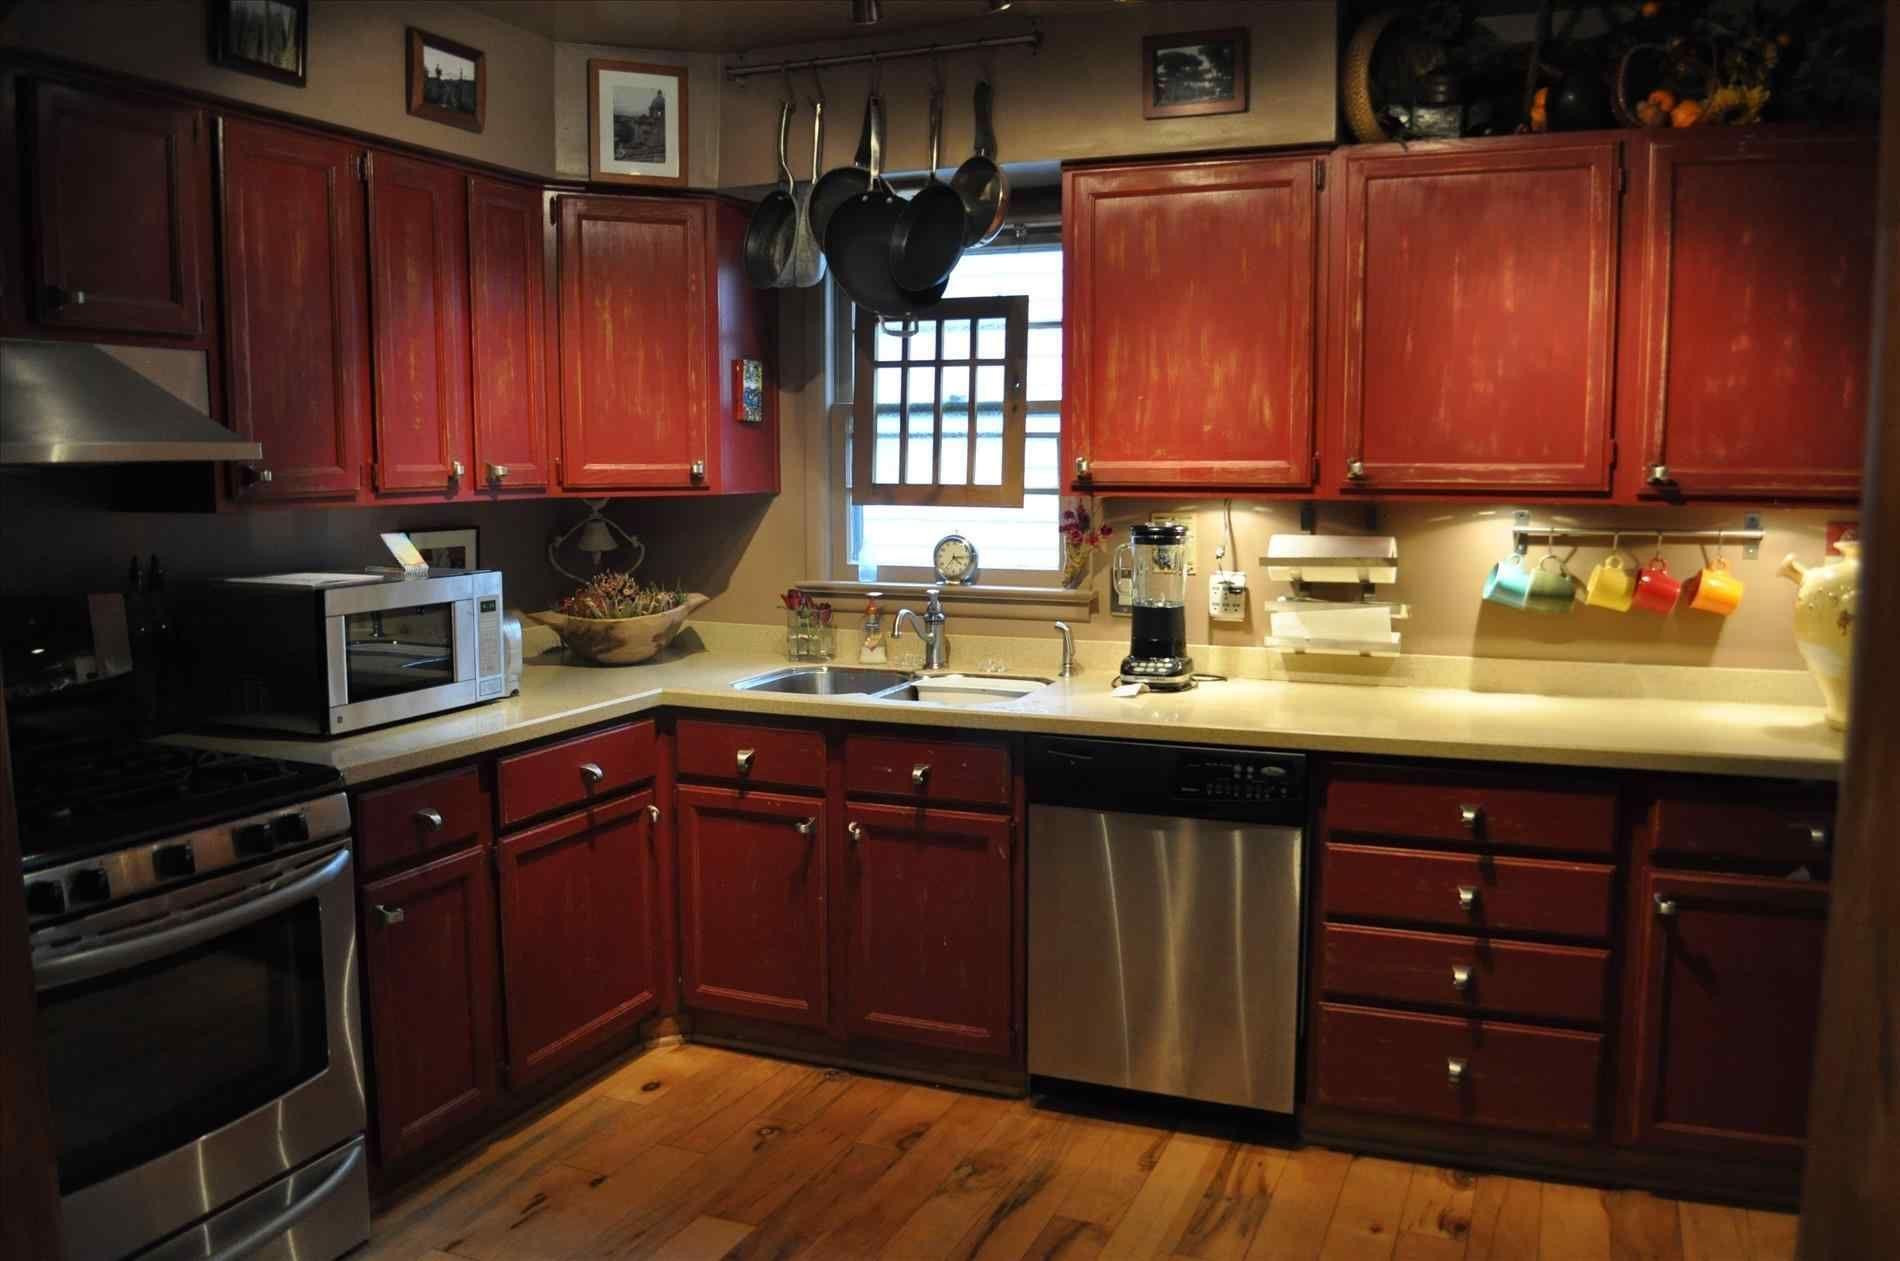 Red Kitchen Floor Tiles Kitchendesign Kitchenremodel Kitchen Wood Kitchen Cabinets Distressed Kitchen Cabinets Cherry Wood Kitchen Cabinets